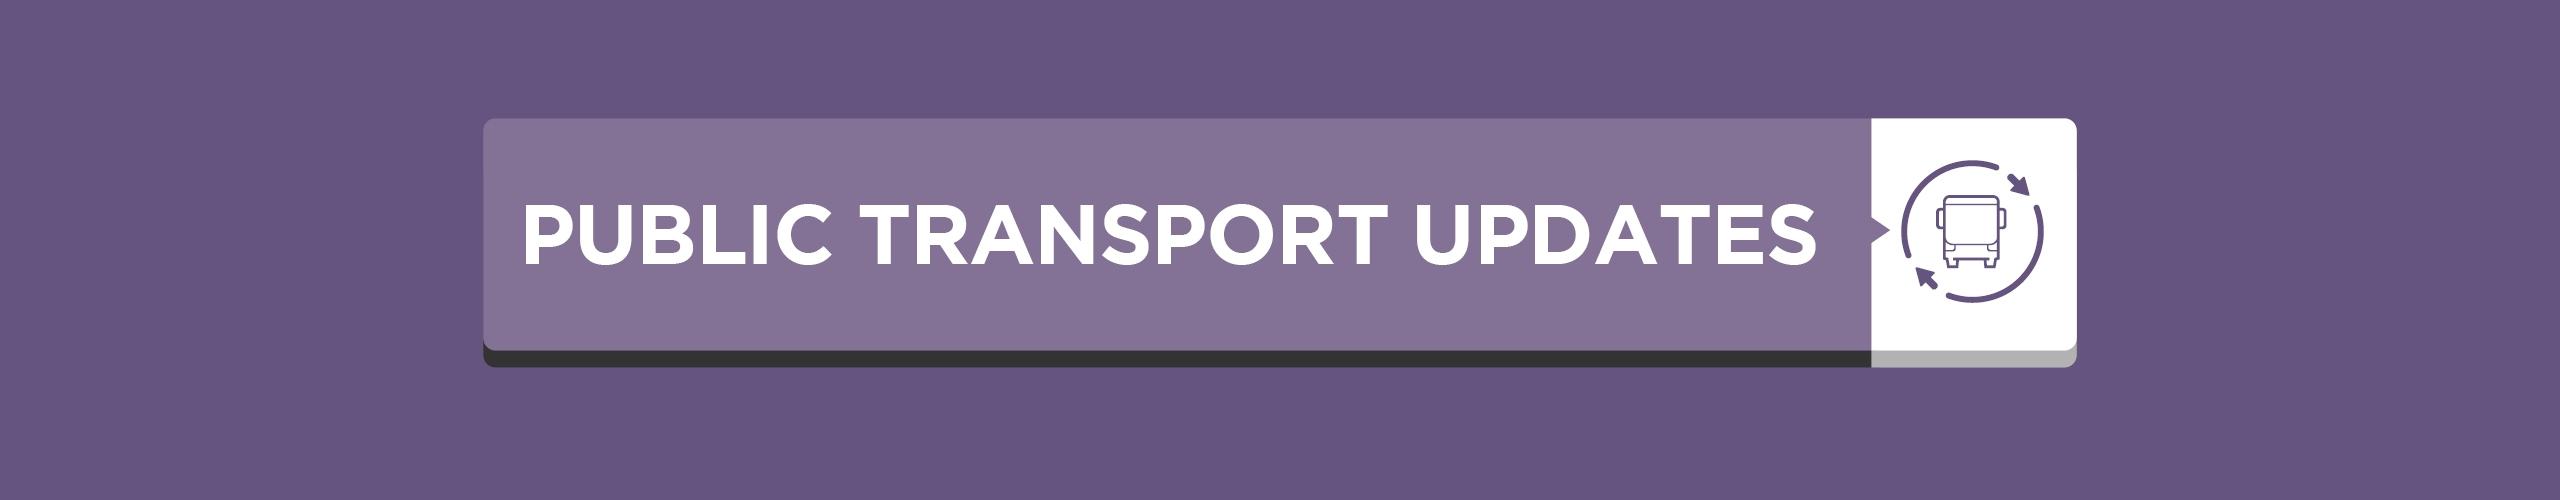 Public Transport Covid Updates